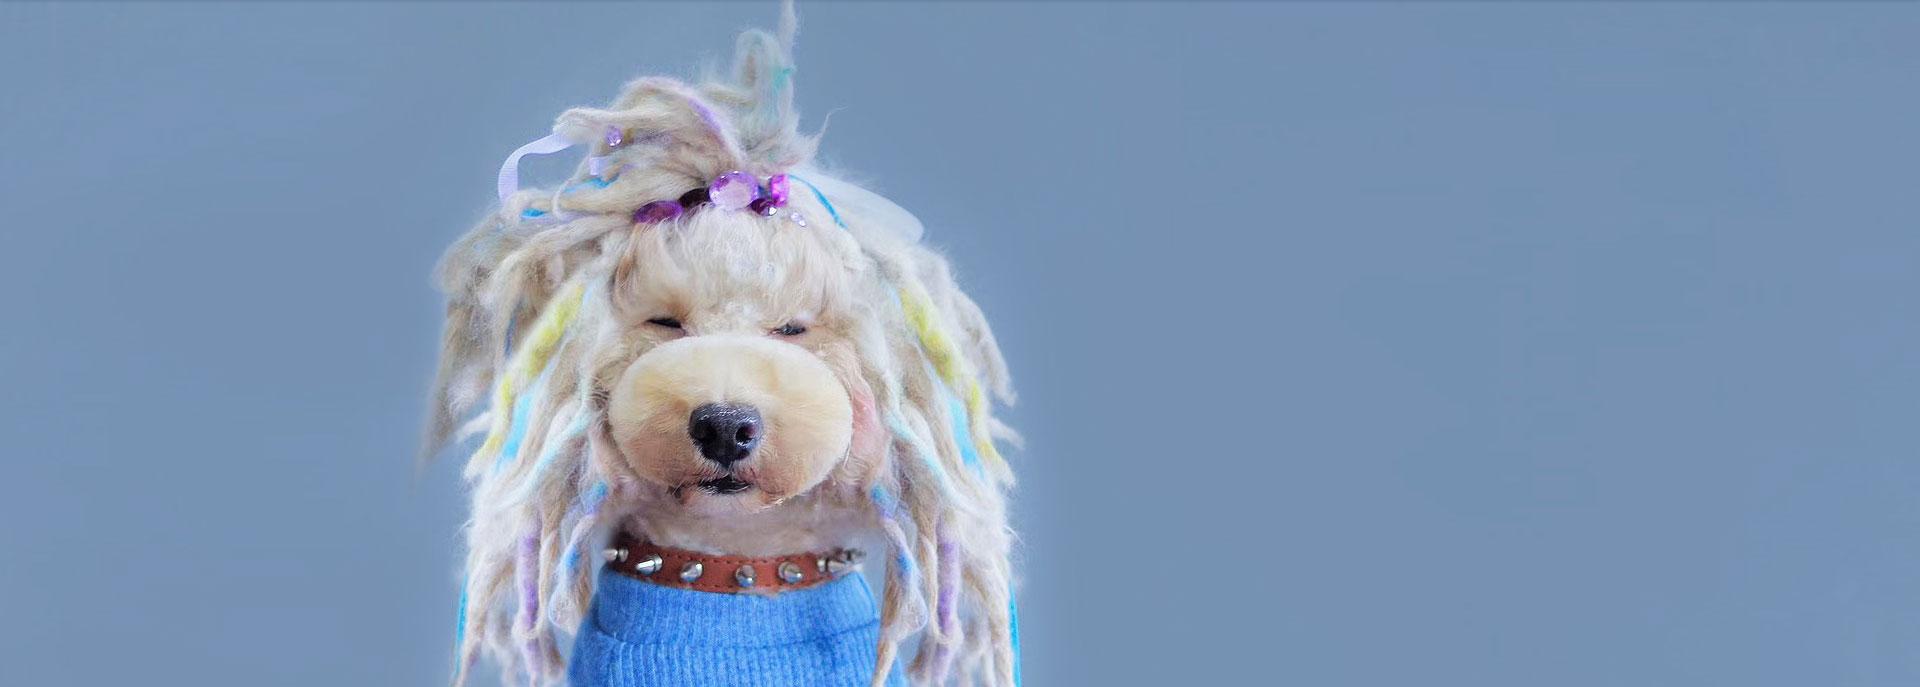 宠物美容学校告诉你:如何解决狗狗掉毛的问题